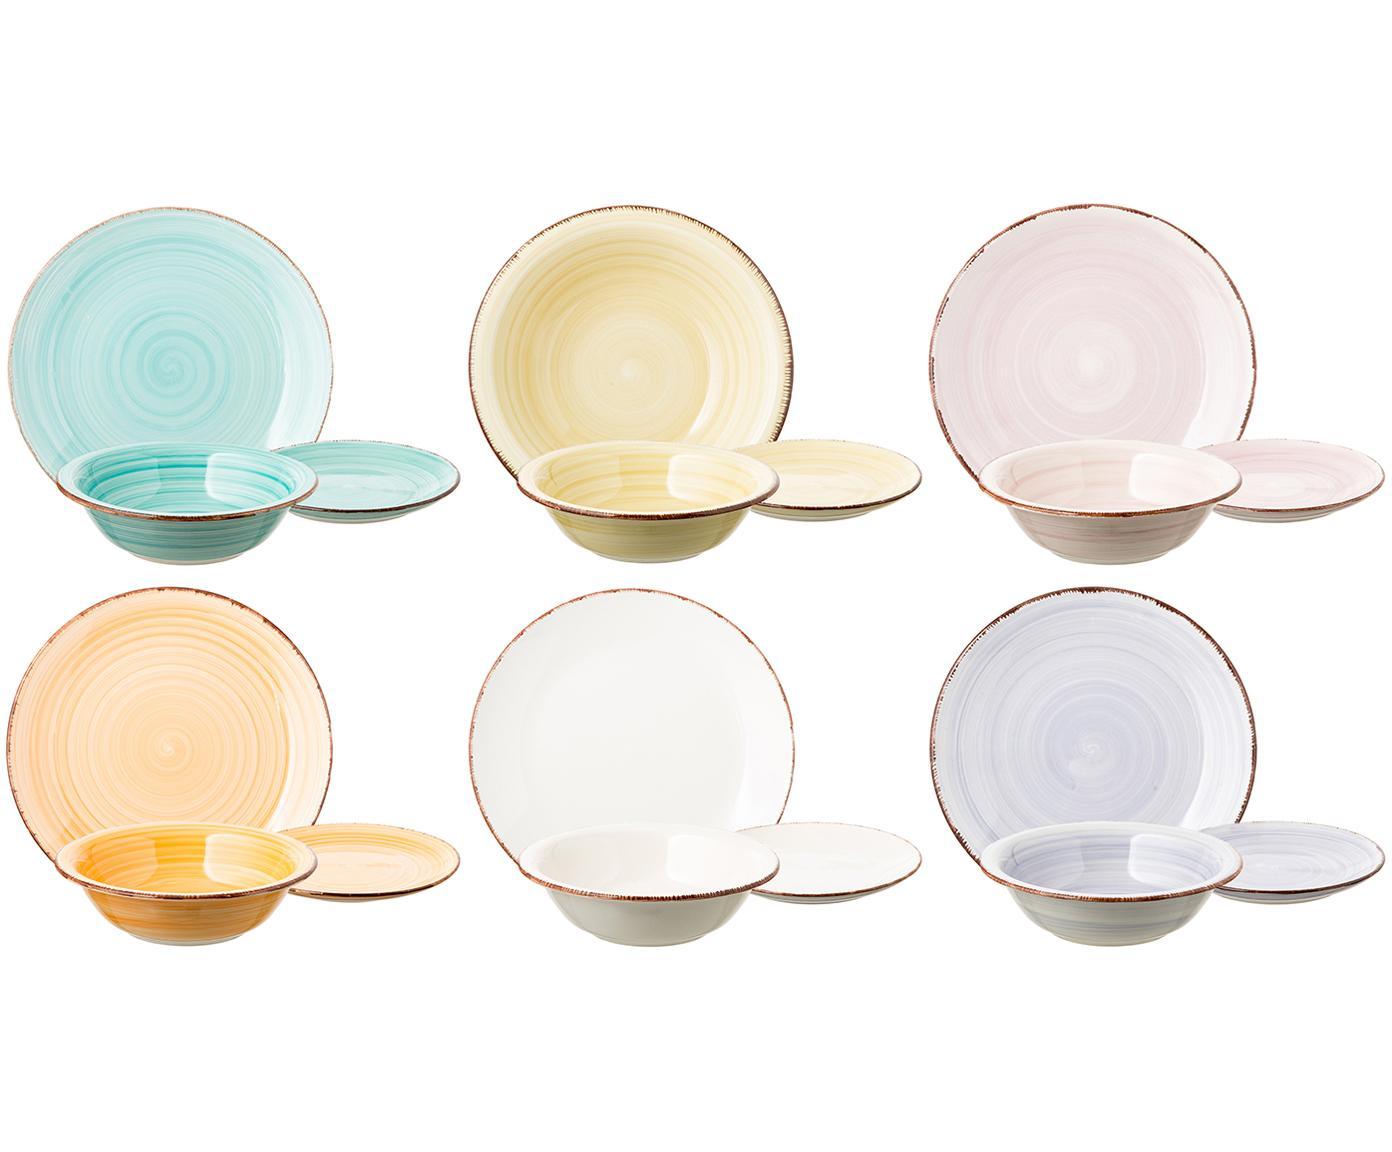 Set piatti Baita, set di 18, Terracotta (dolomite duro), dipinto a mano, Giallo, tonalità rosa, azzurro, bianco, Diverse dimensioni